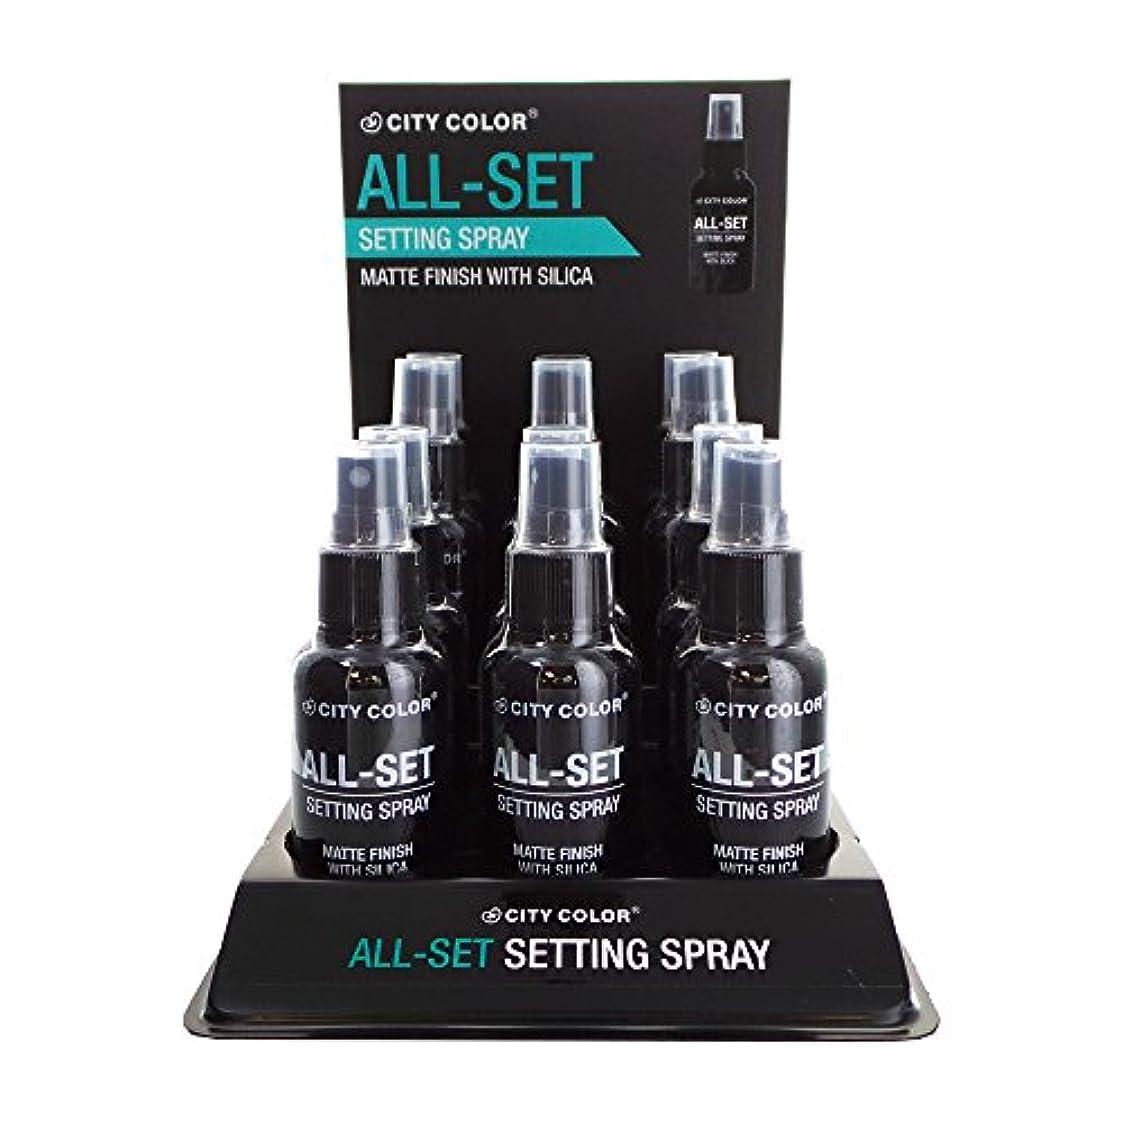 政策評価する一杯CITY COLOR All-Set Setting Spray Display Set, 12 Pieces (並行輸入品)